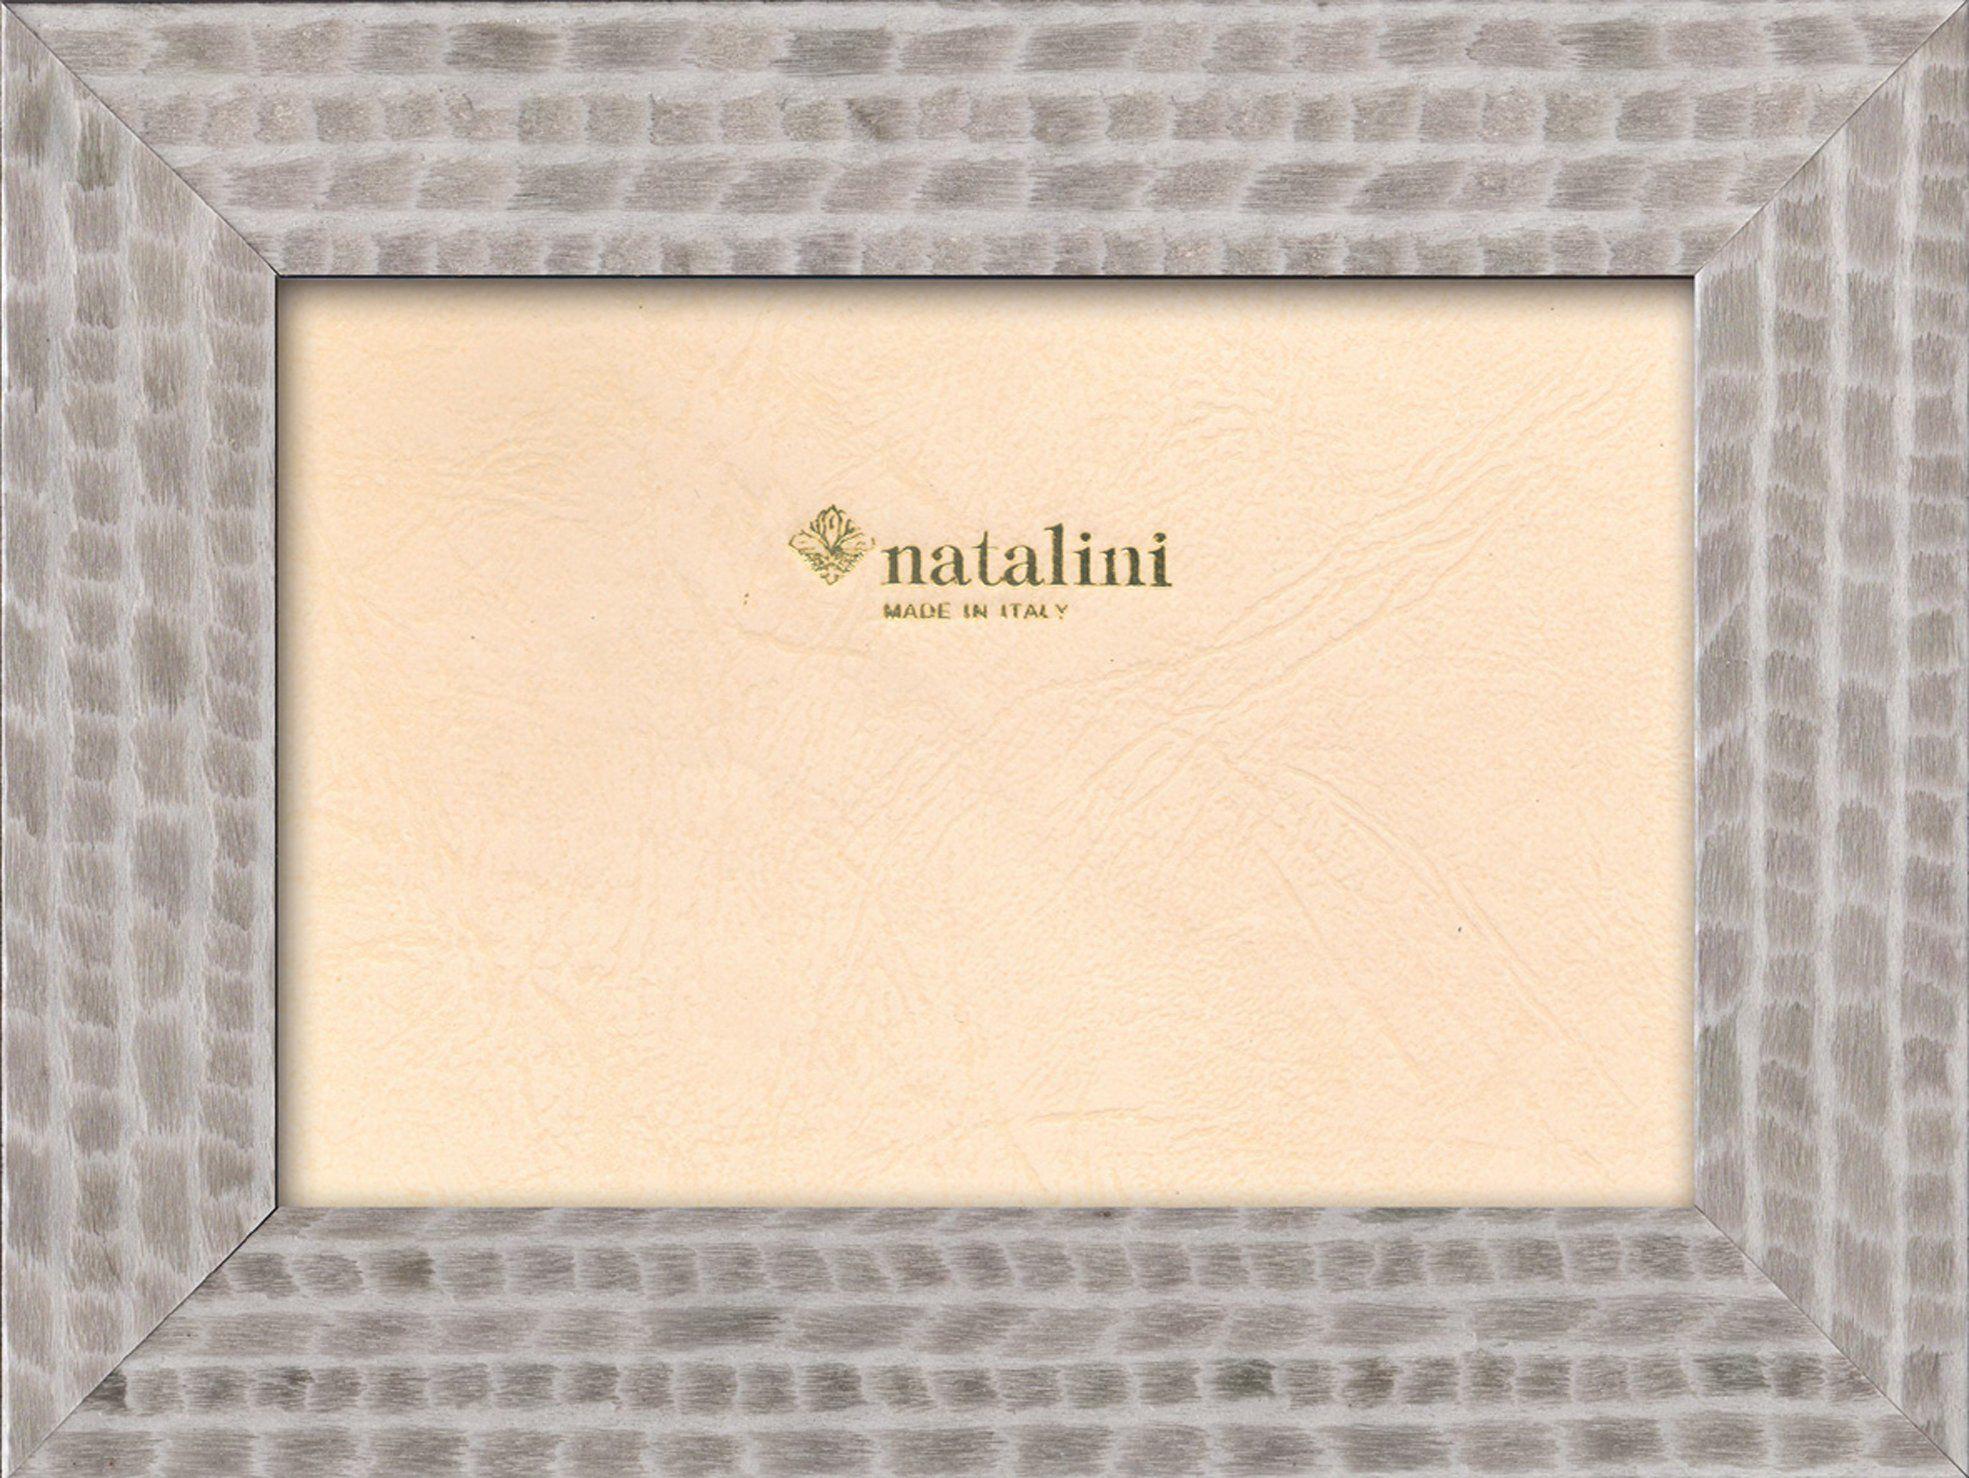 Natalini Marquetry ramka na zdjęcia wyprodukowana we Włoszech, tulipan, szara, 10 cm x 15 cm